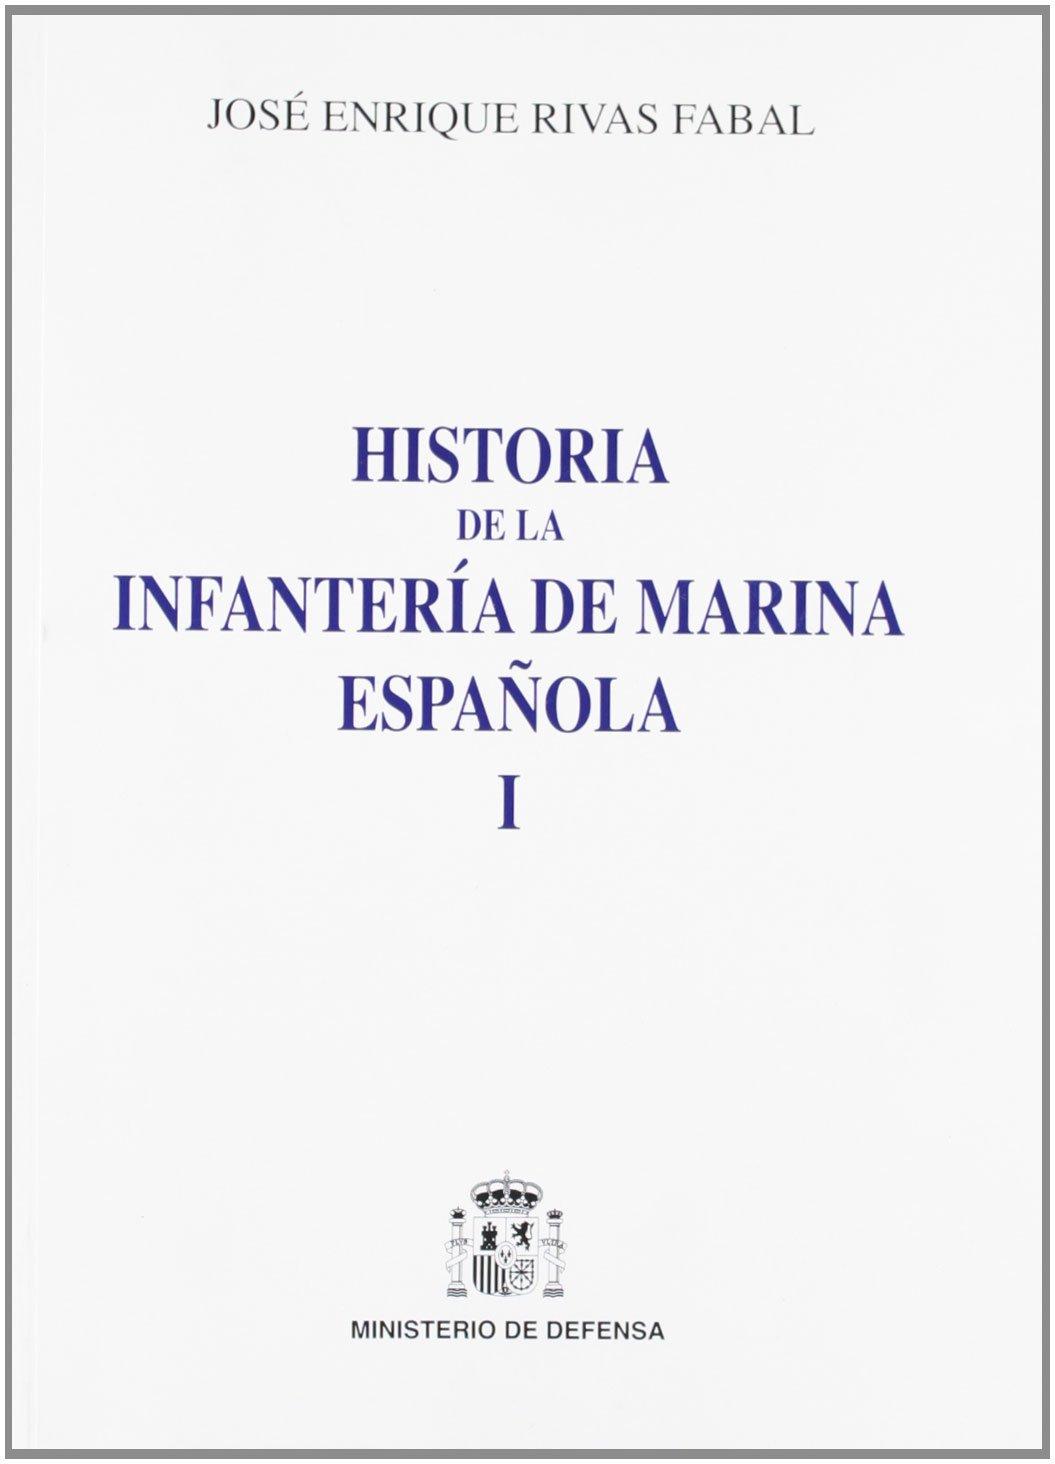 Historia de la infantería de marina española: 2 Hombres, hechos e ideas: Amazon.es: Rivas Fabal, J.E.: Libros